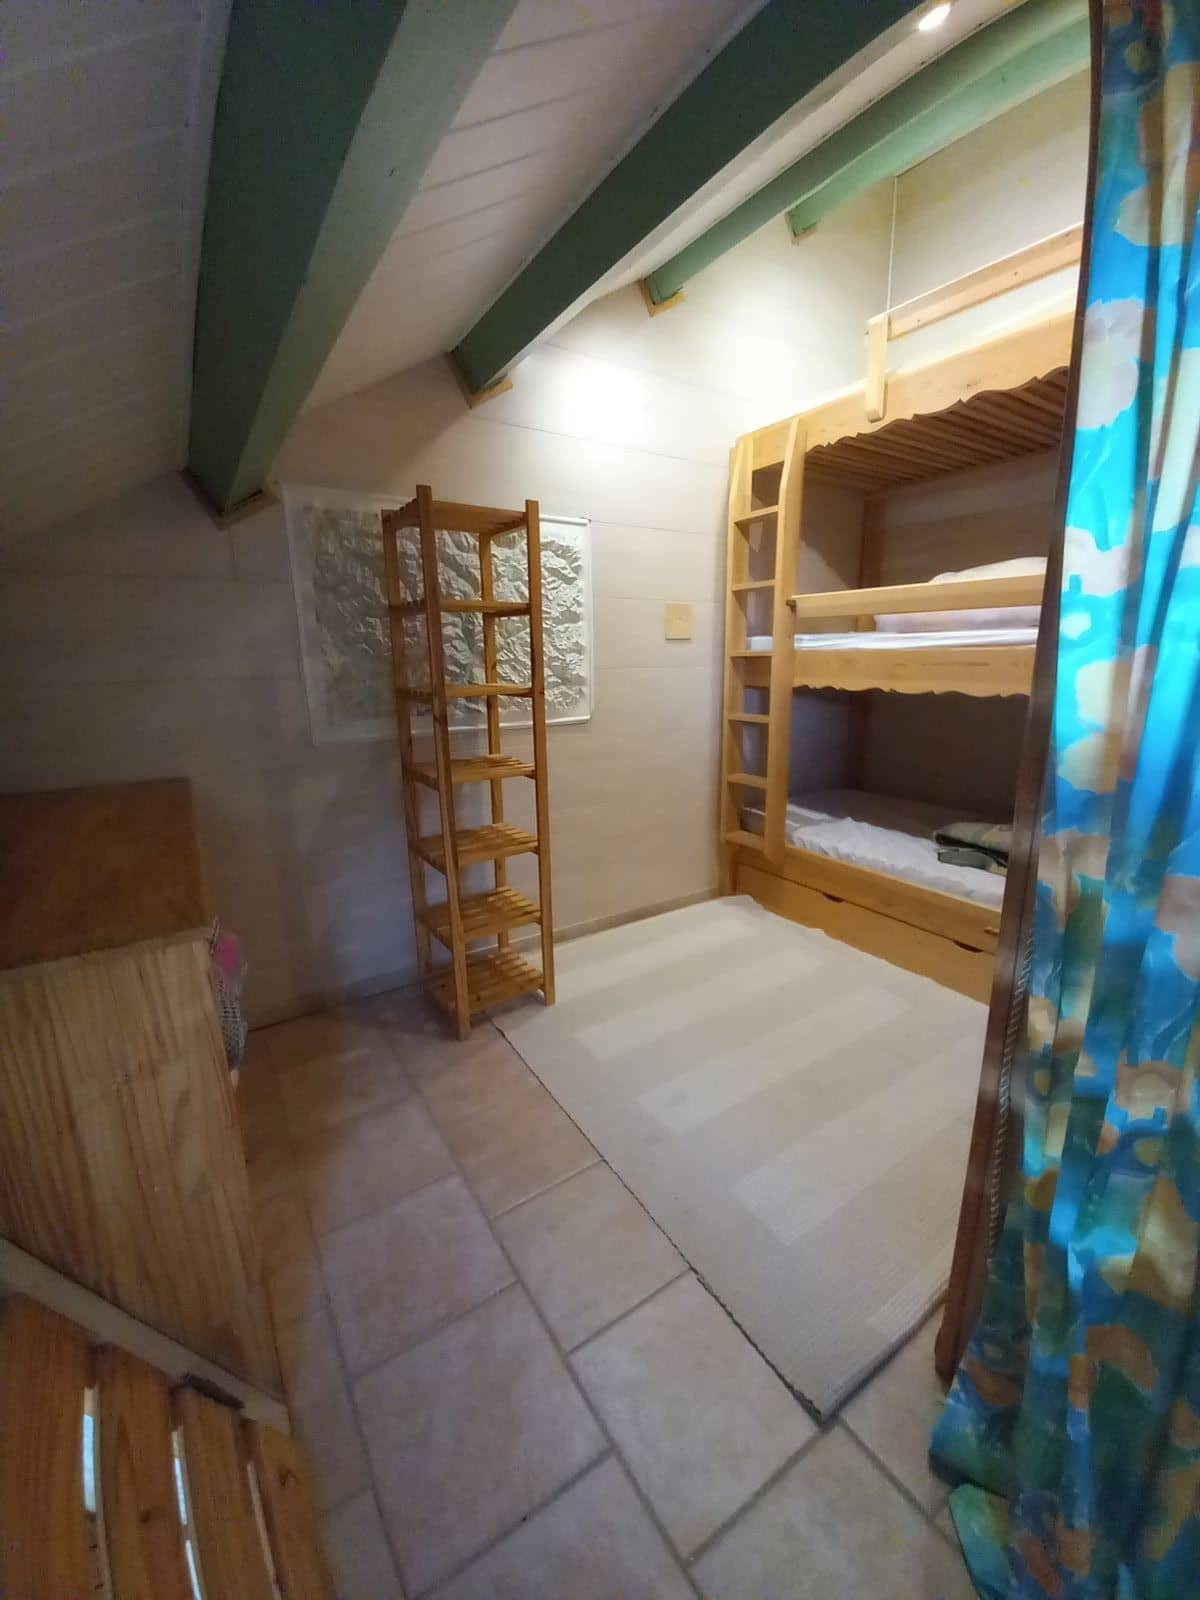 20210729 112423 - ANCELLE STUDIO MEZZANINE DE 30 m² (6 COUCHAGES)